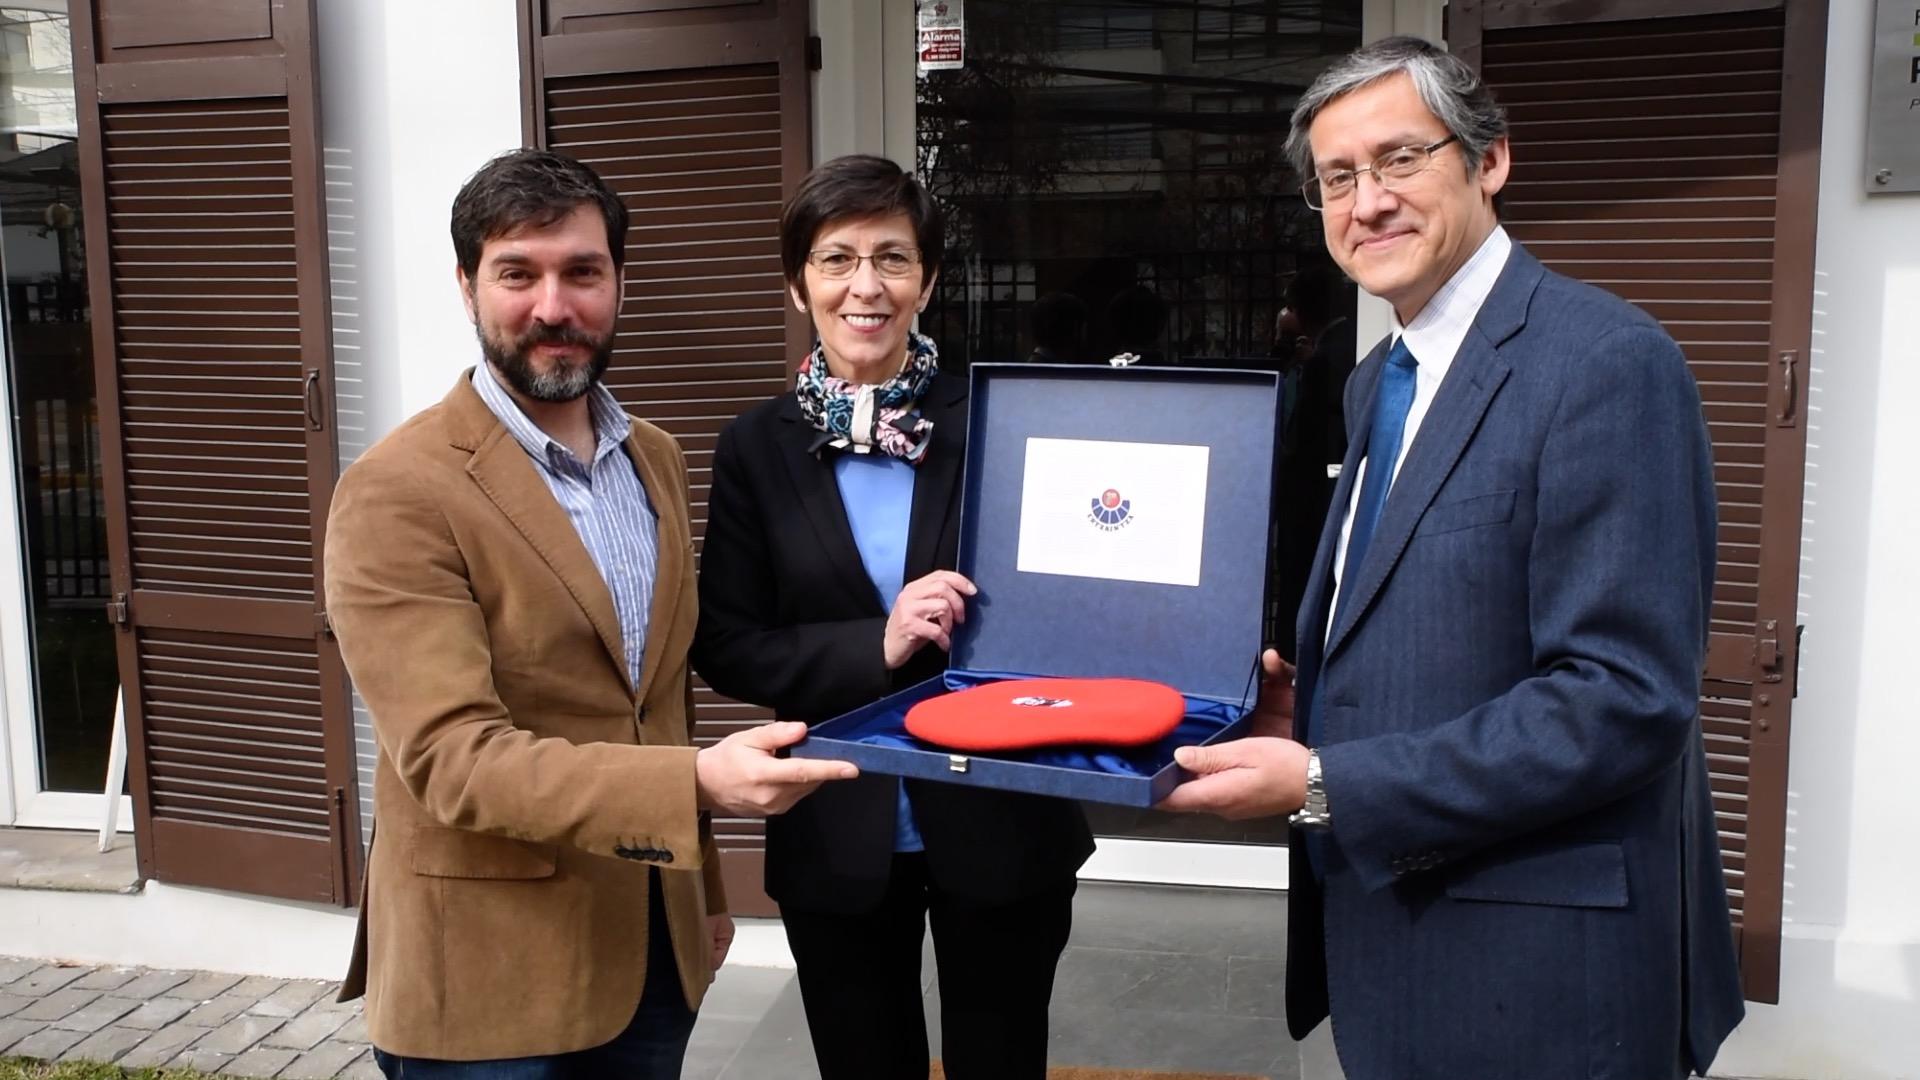 La Consejera de Seguridad visita la Fundación Paz Ciudadana Políticas Públicas de Seguridad y Justicia